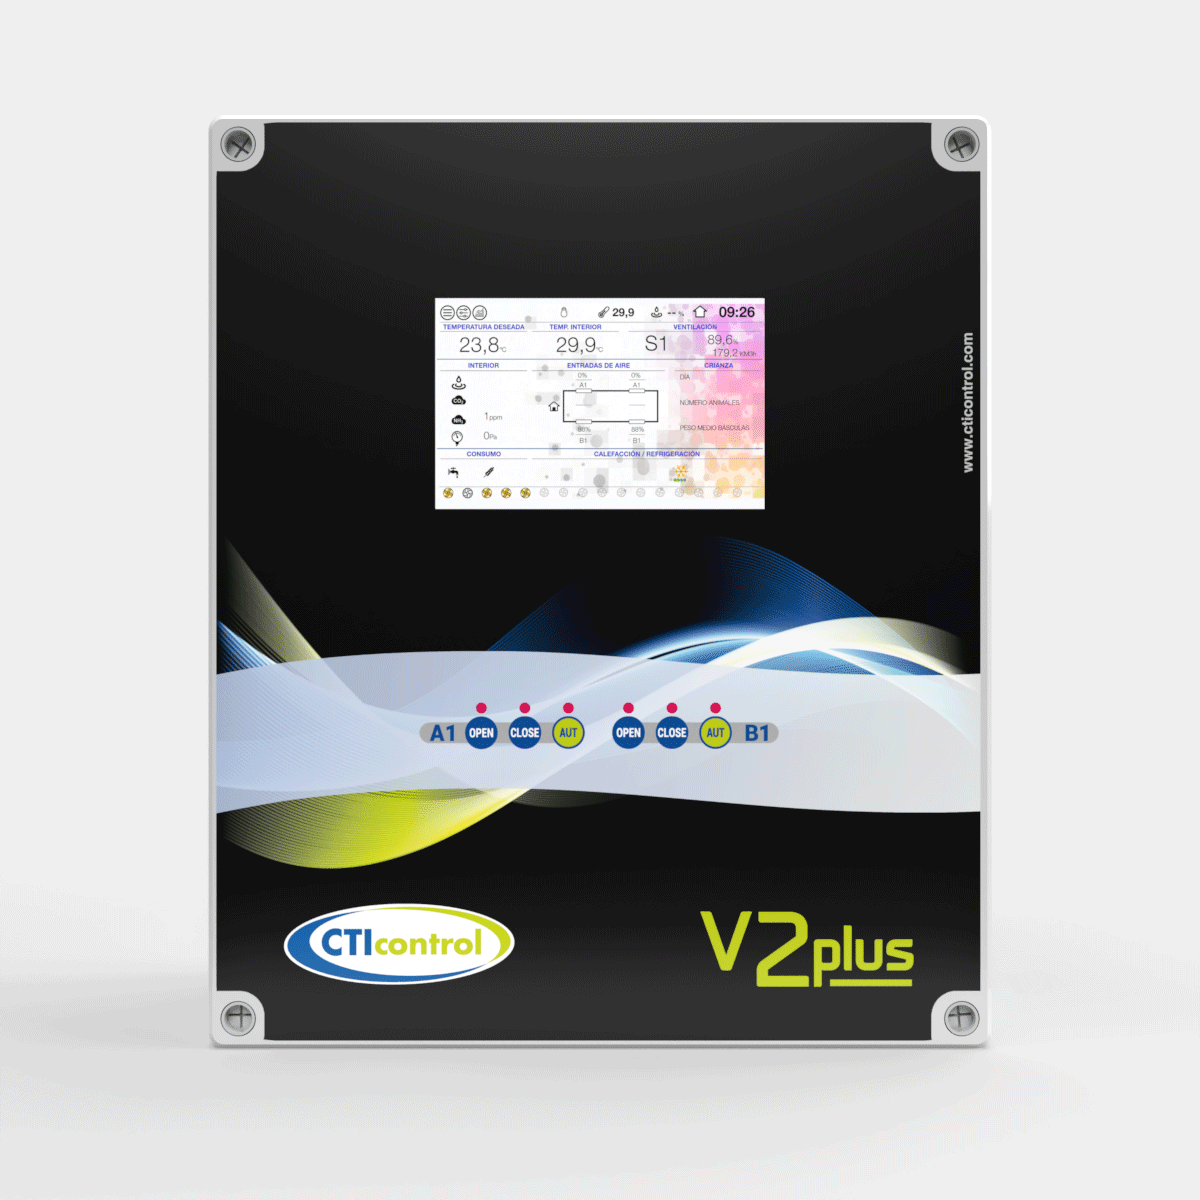 V2plus